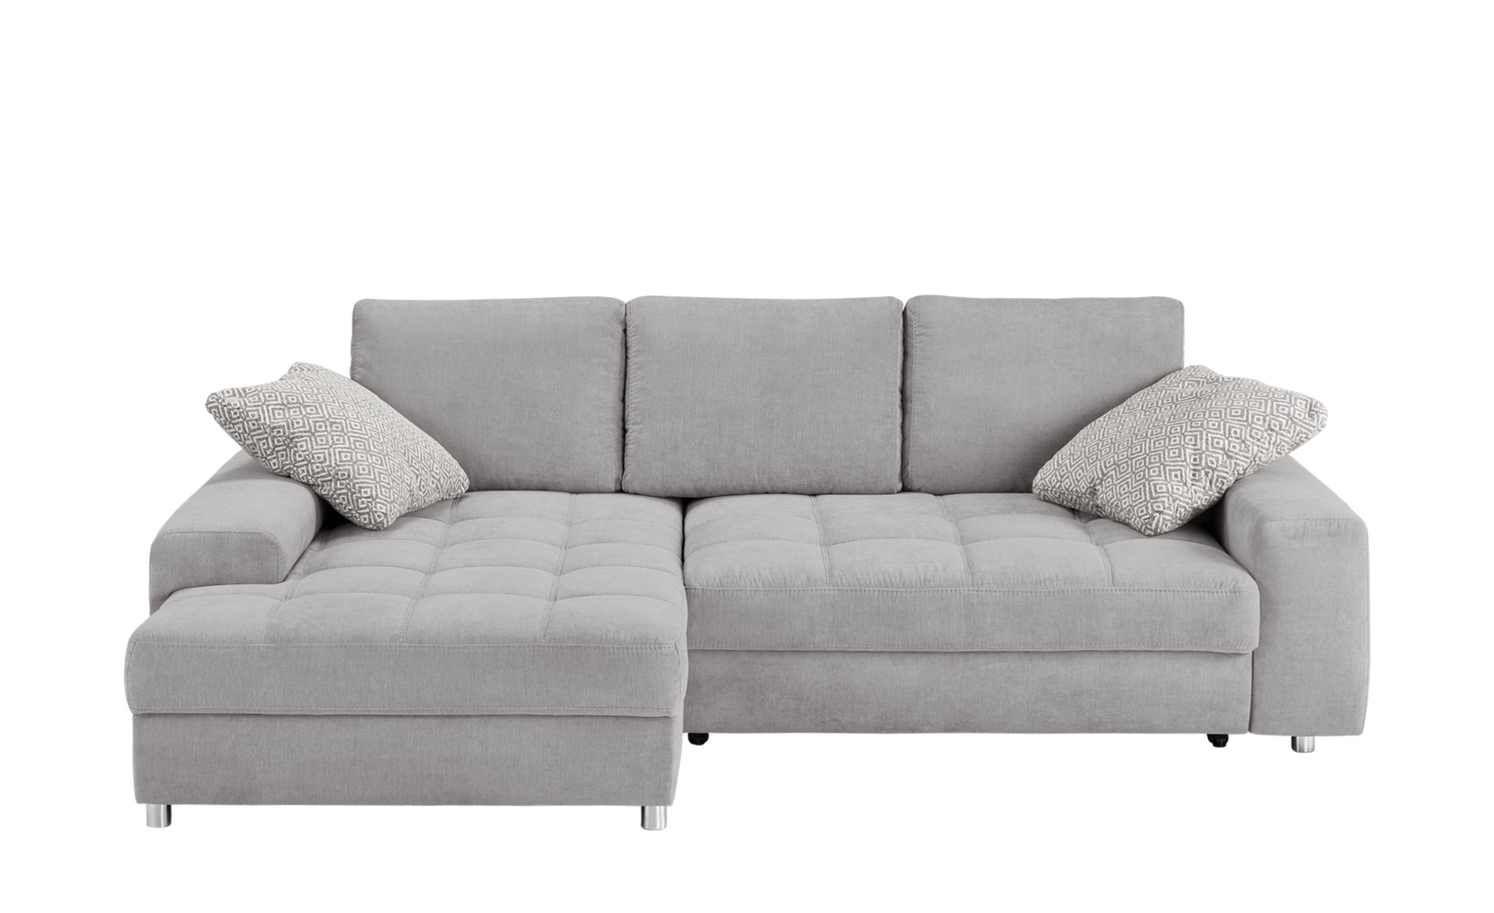 Bobb Ecksofa Arissa In 2019 Wohnkultur Ecksofa Sofa Big Sofa